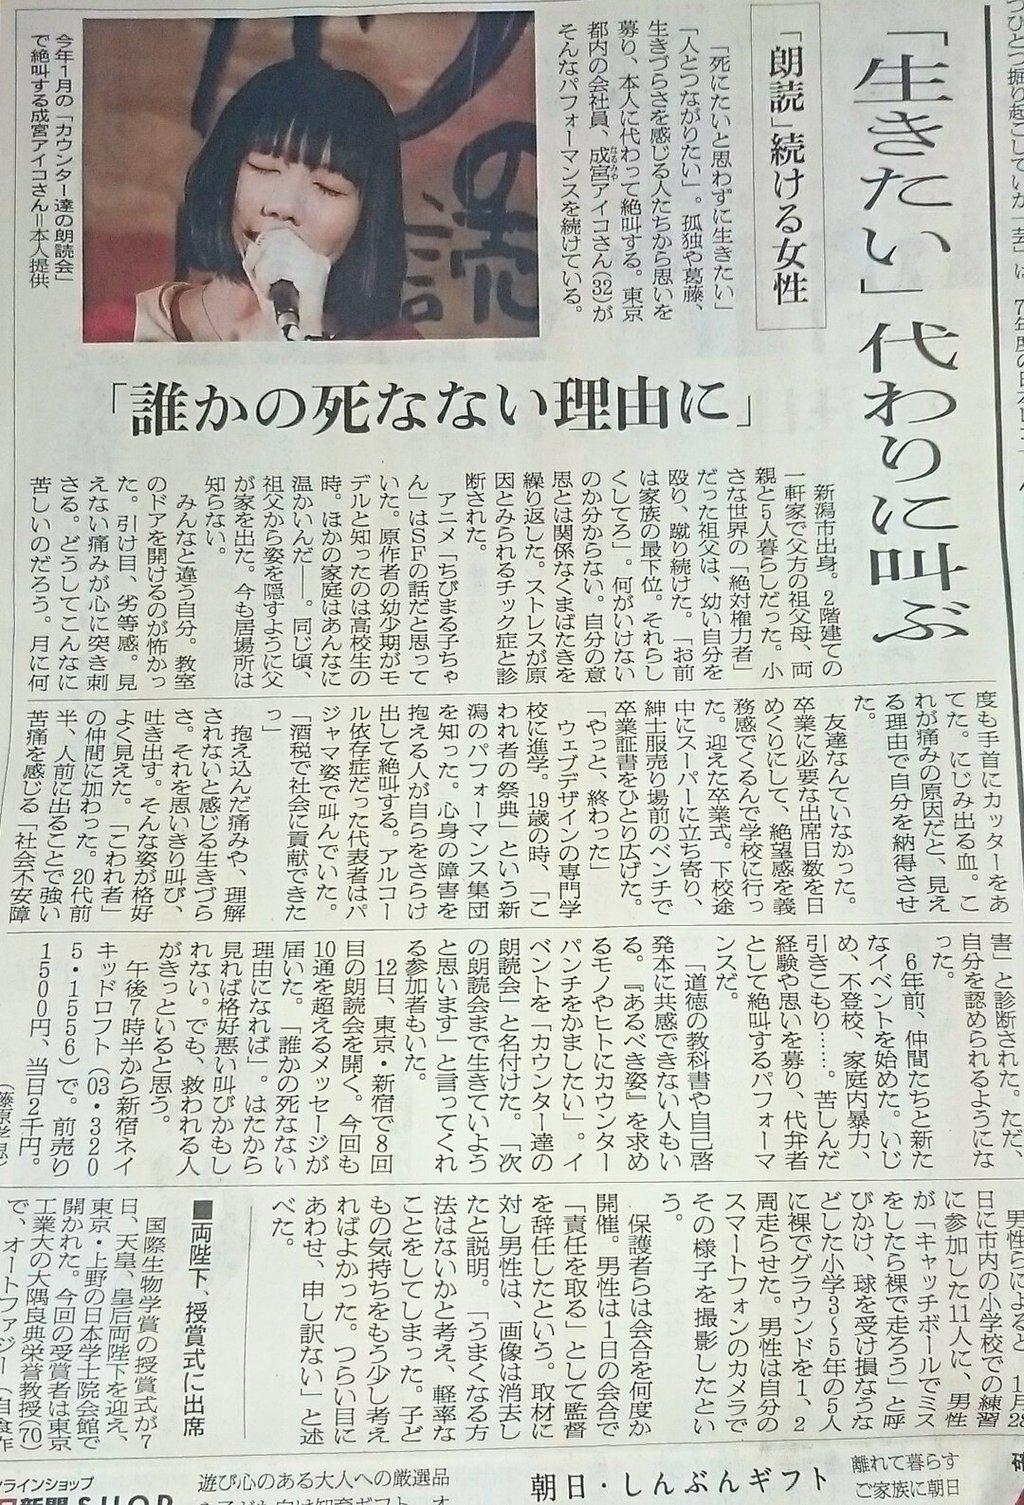 朝日新聞全国版に載せてもらったよ〜!「世界など変わらなくても心臓に希望の端っこ1ミリがある」